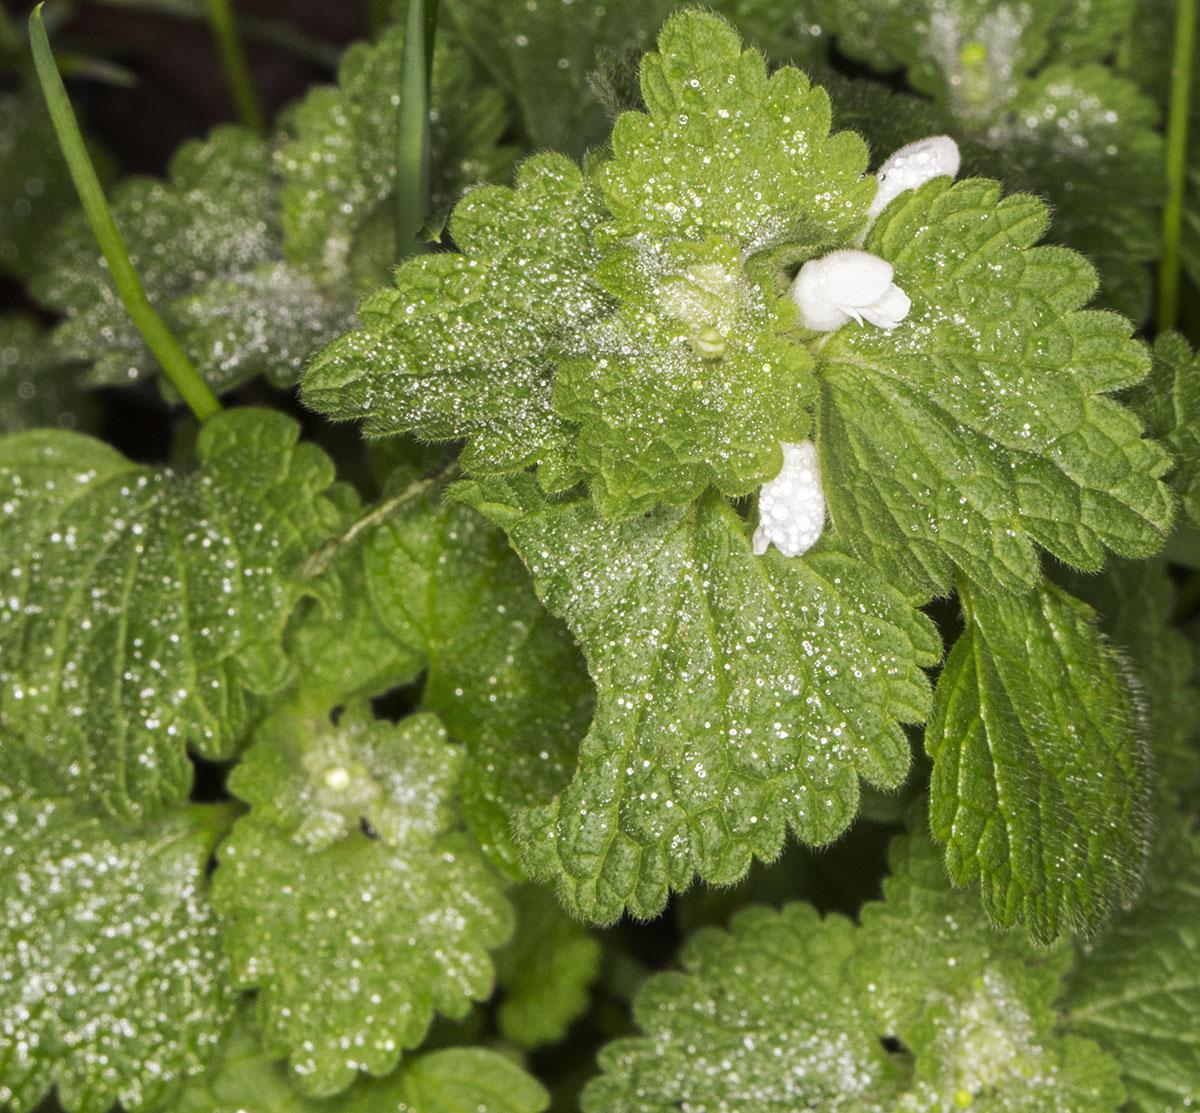 Some Winter Flowering Nettles Naturally